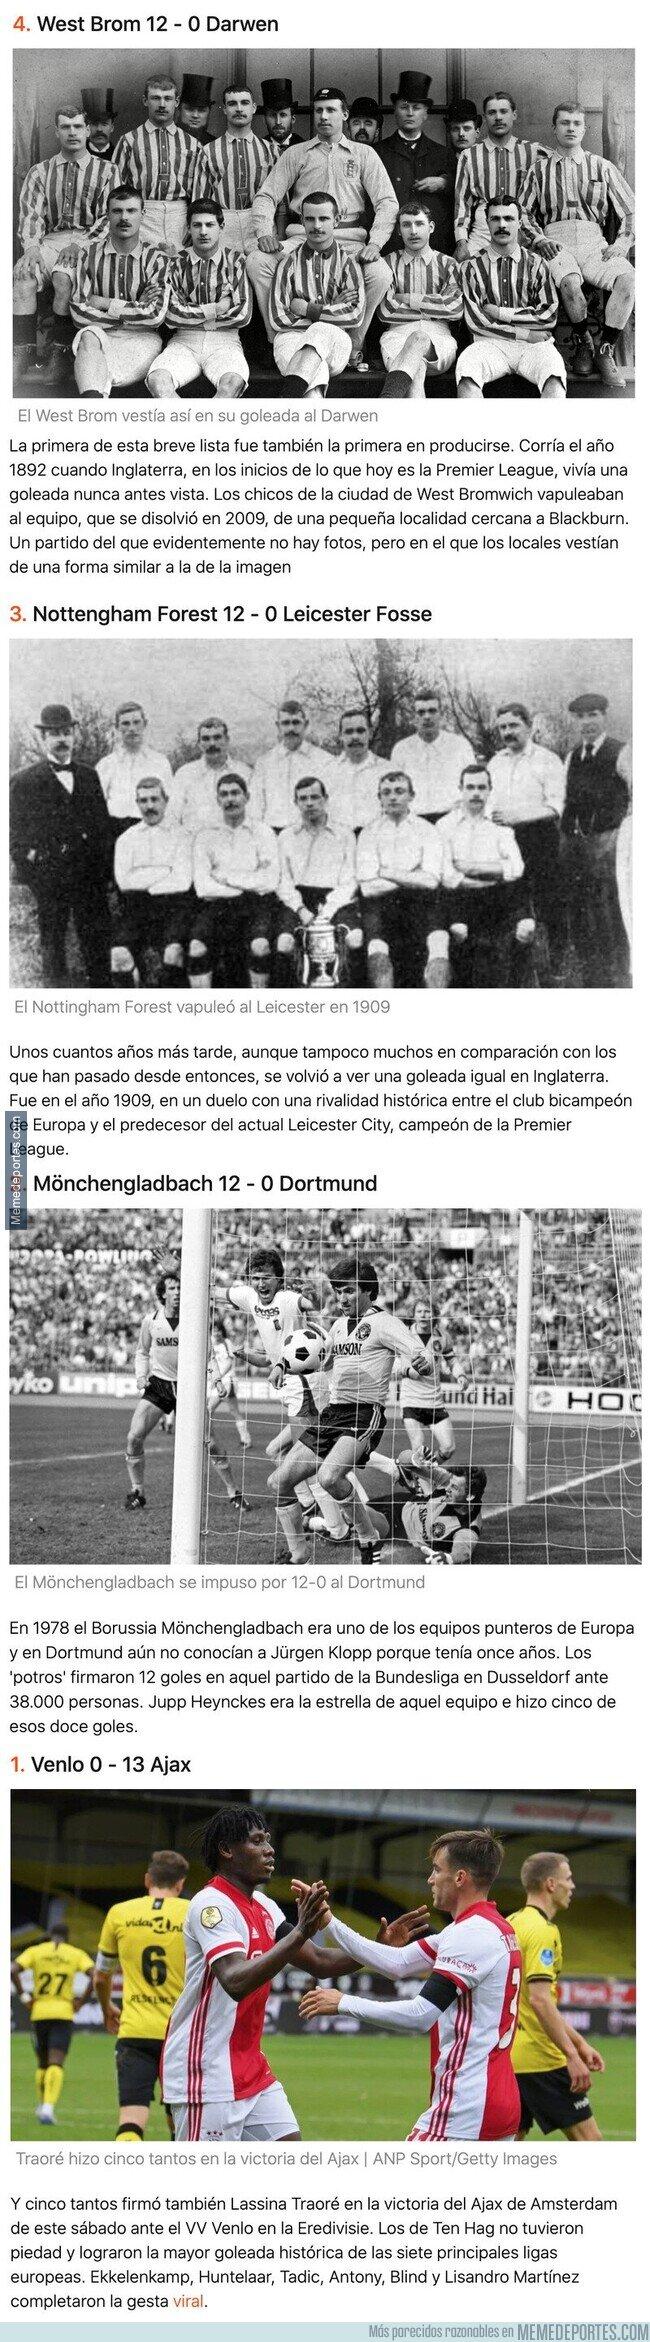 1119009 - Las mayores goleadas históricas de las grandes ligas europeas